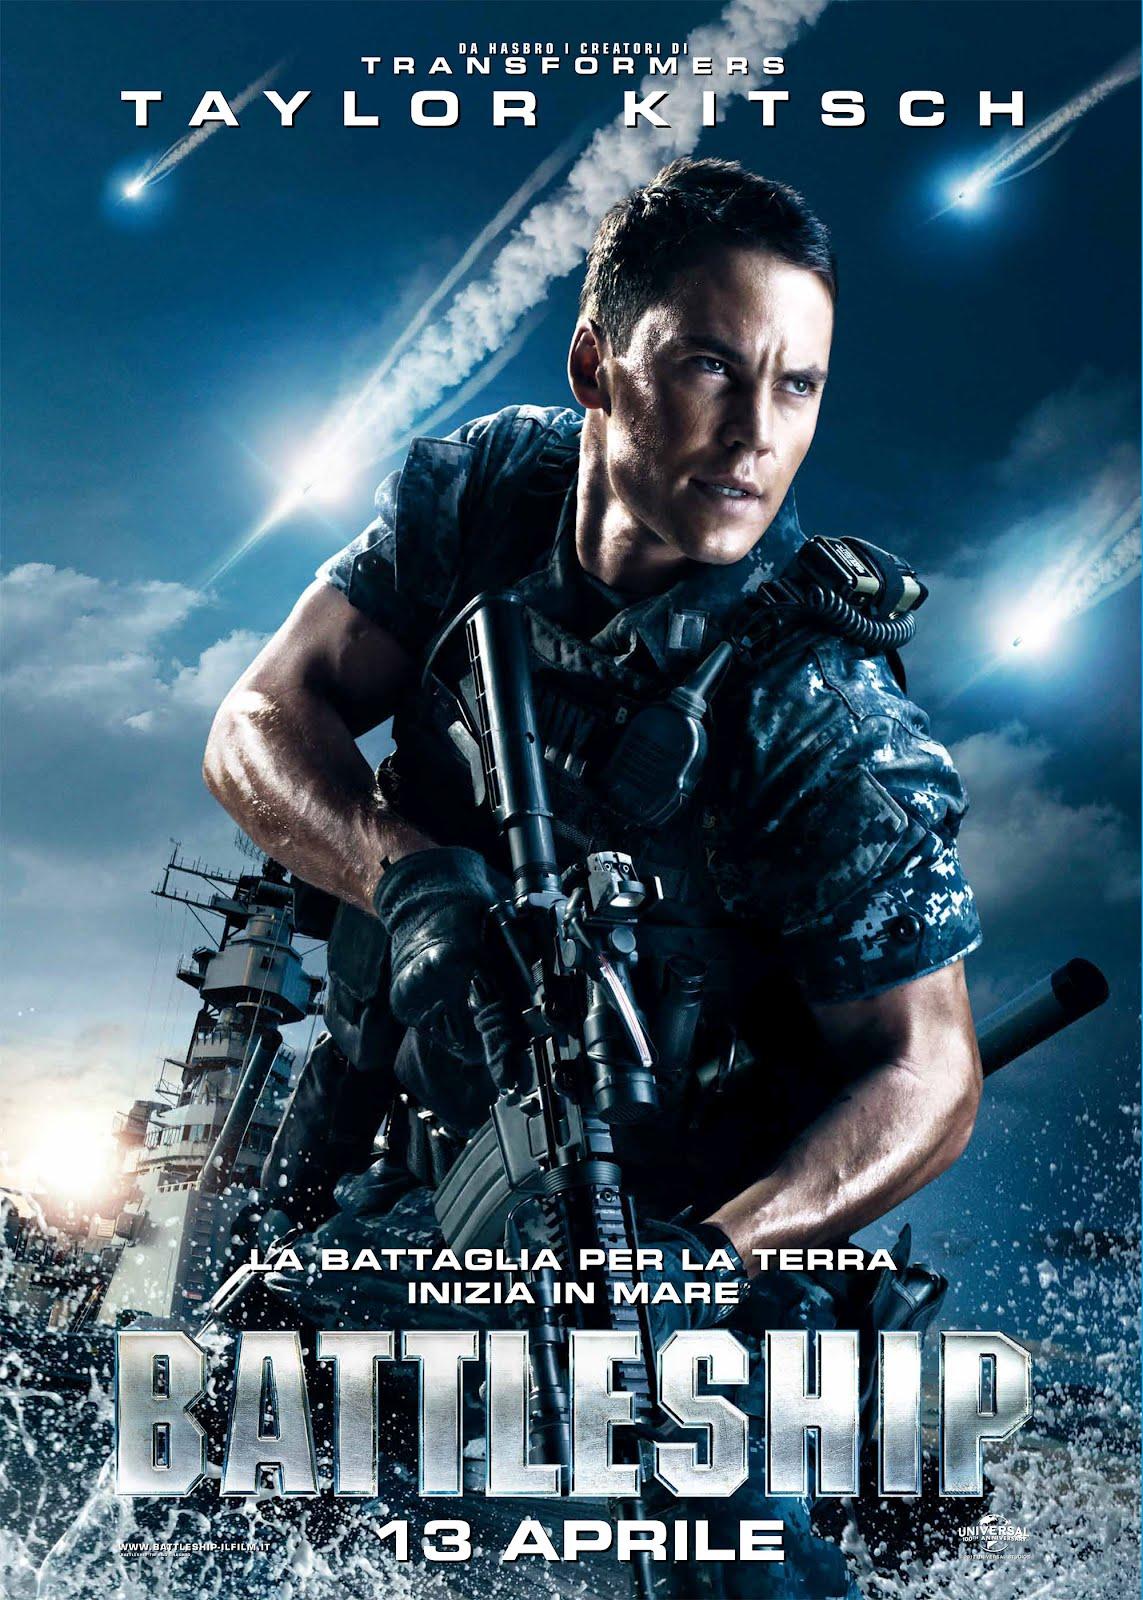 http://1.bp.blogspot.com/-TeN2wgC5-aw/T5wX9T_Rx_I/AAAAAAAADoo/VT19-qB3LnU/s1600/battleship-movie-poster.jpg